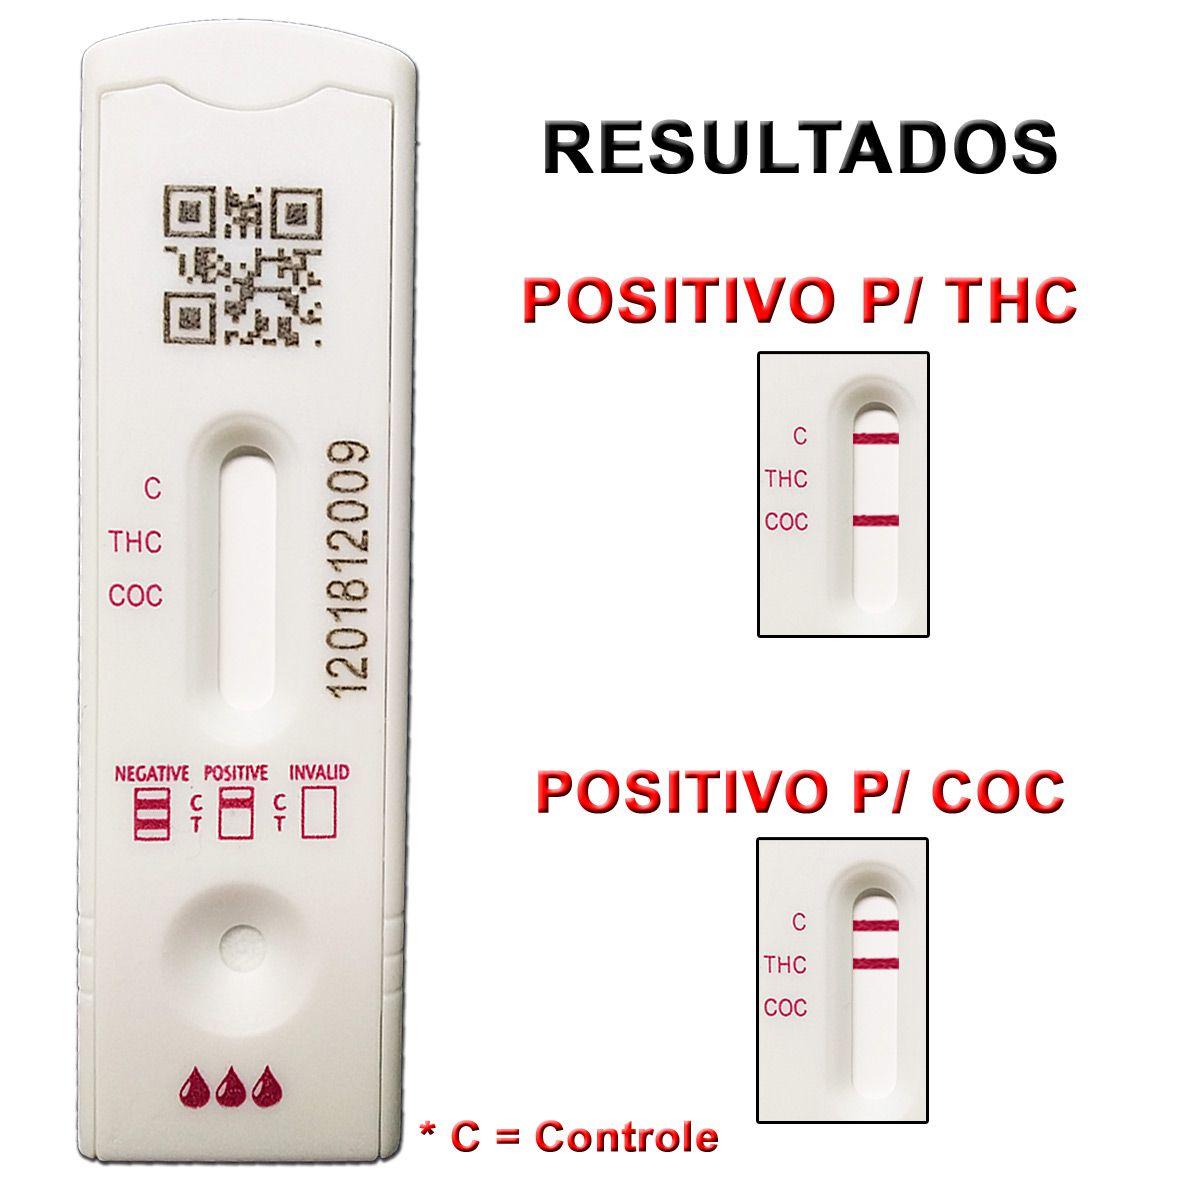 25 Kits para testes de COC + THC  - Testes Para Drogas e COVID-19. Máscaras e Como Parar de Beber e Fumar